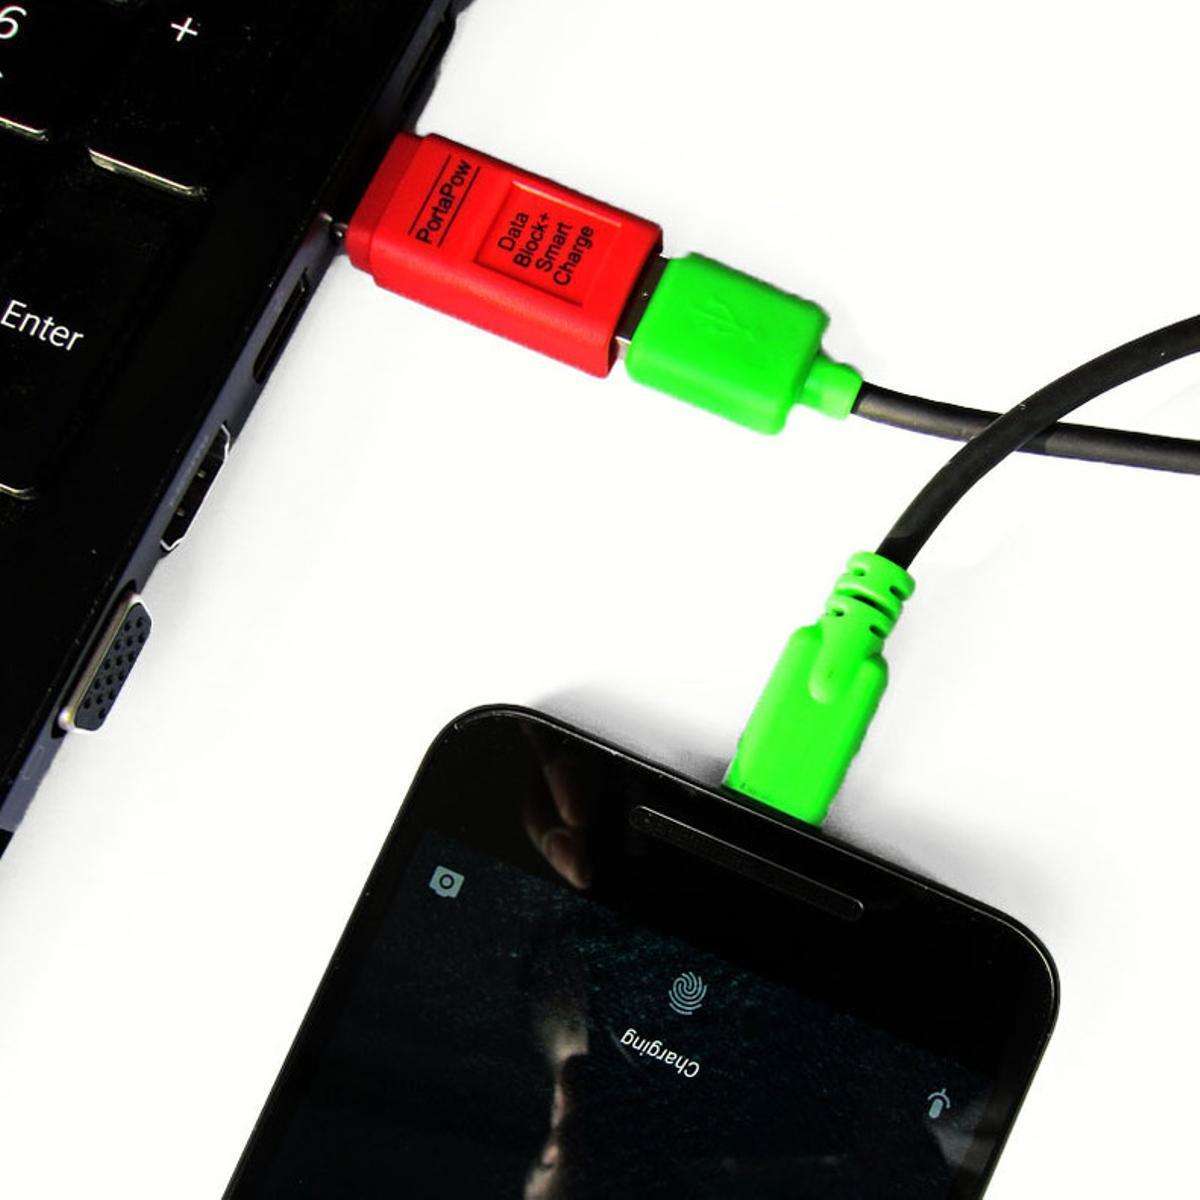 El condón de USB media entre el cable USB y el dispositivo de carga.